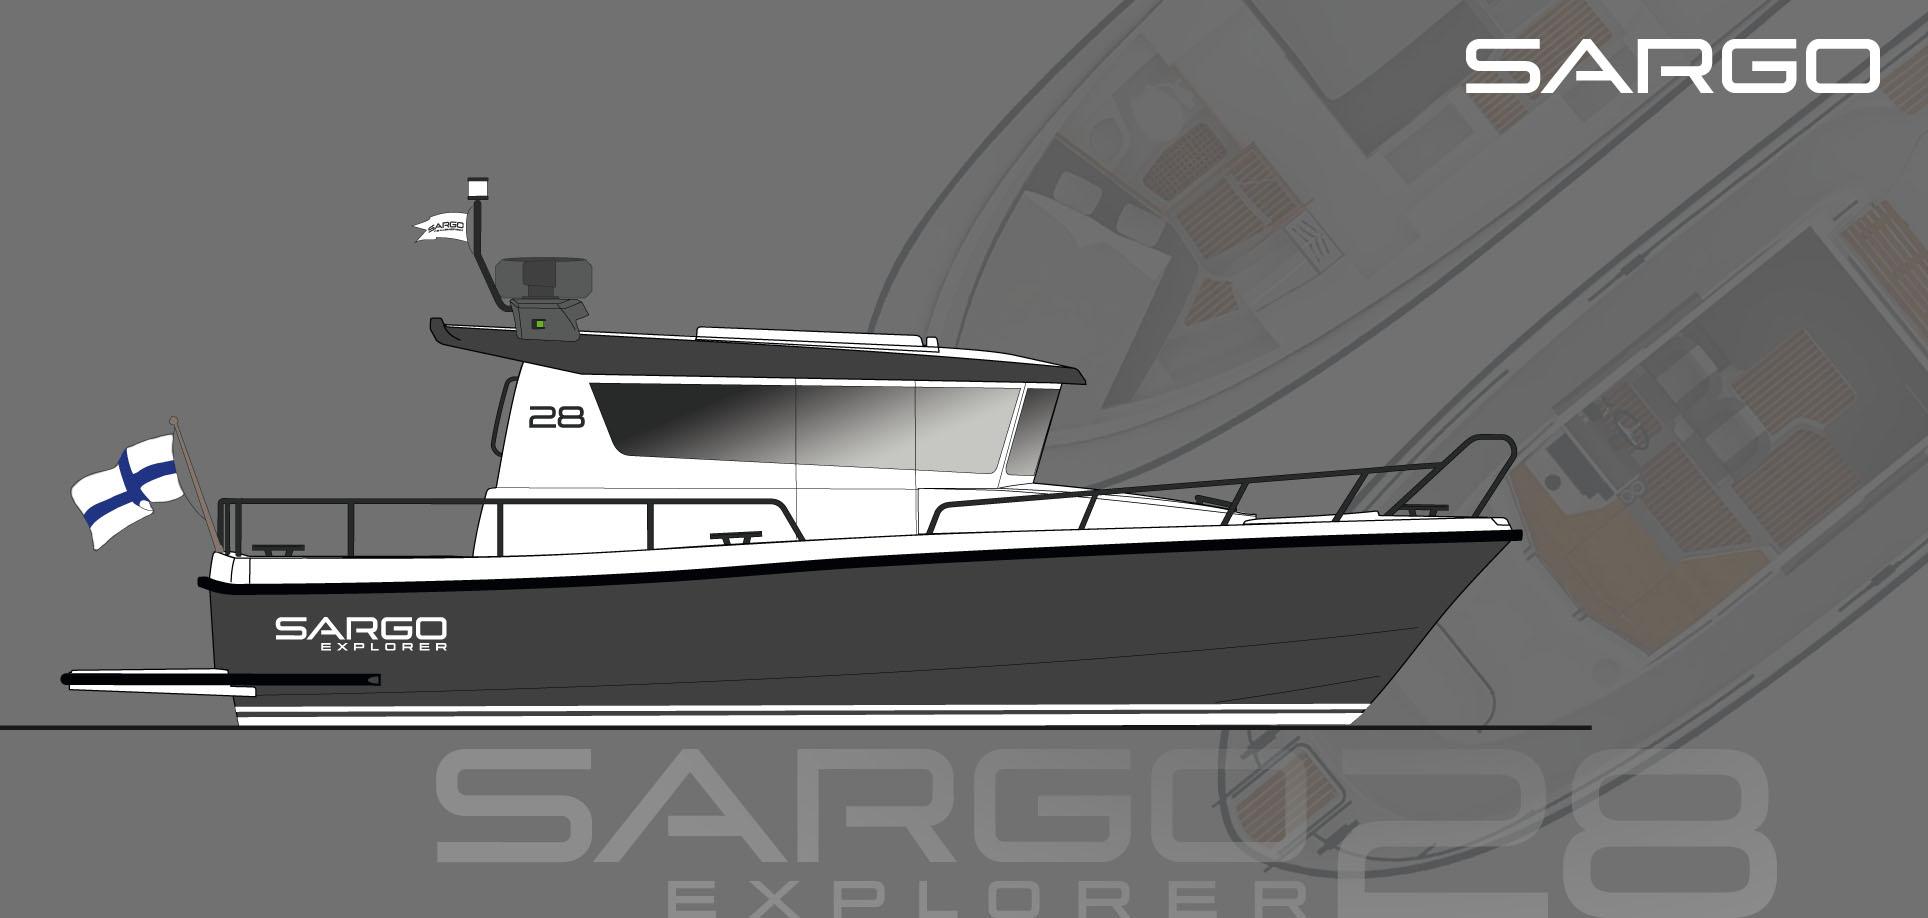 Sargo Explorer 28